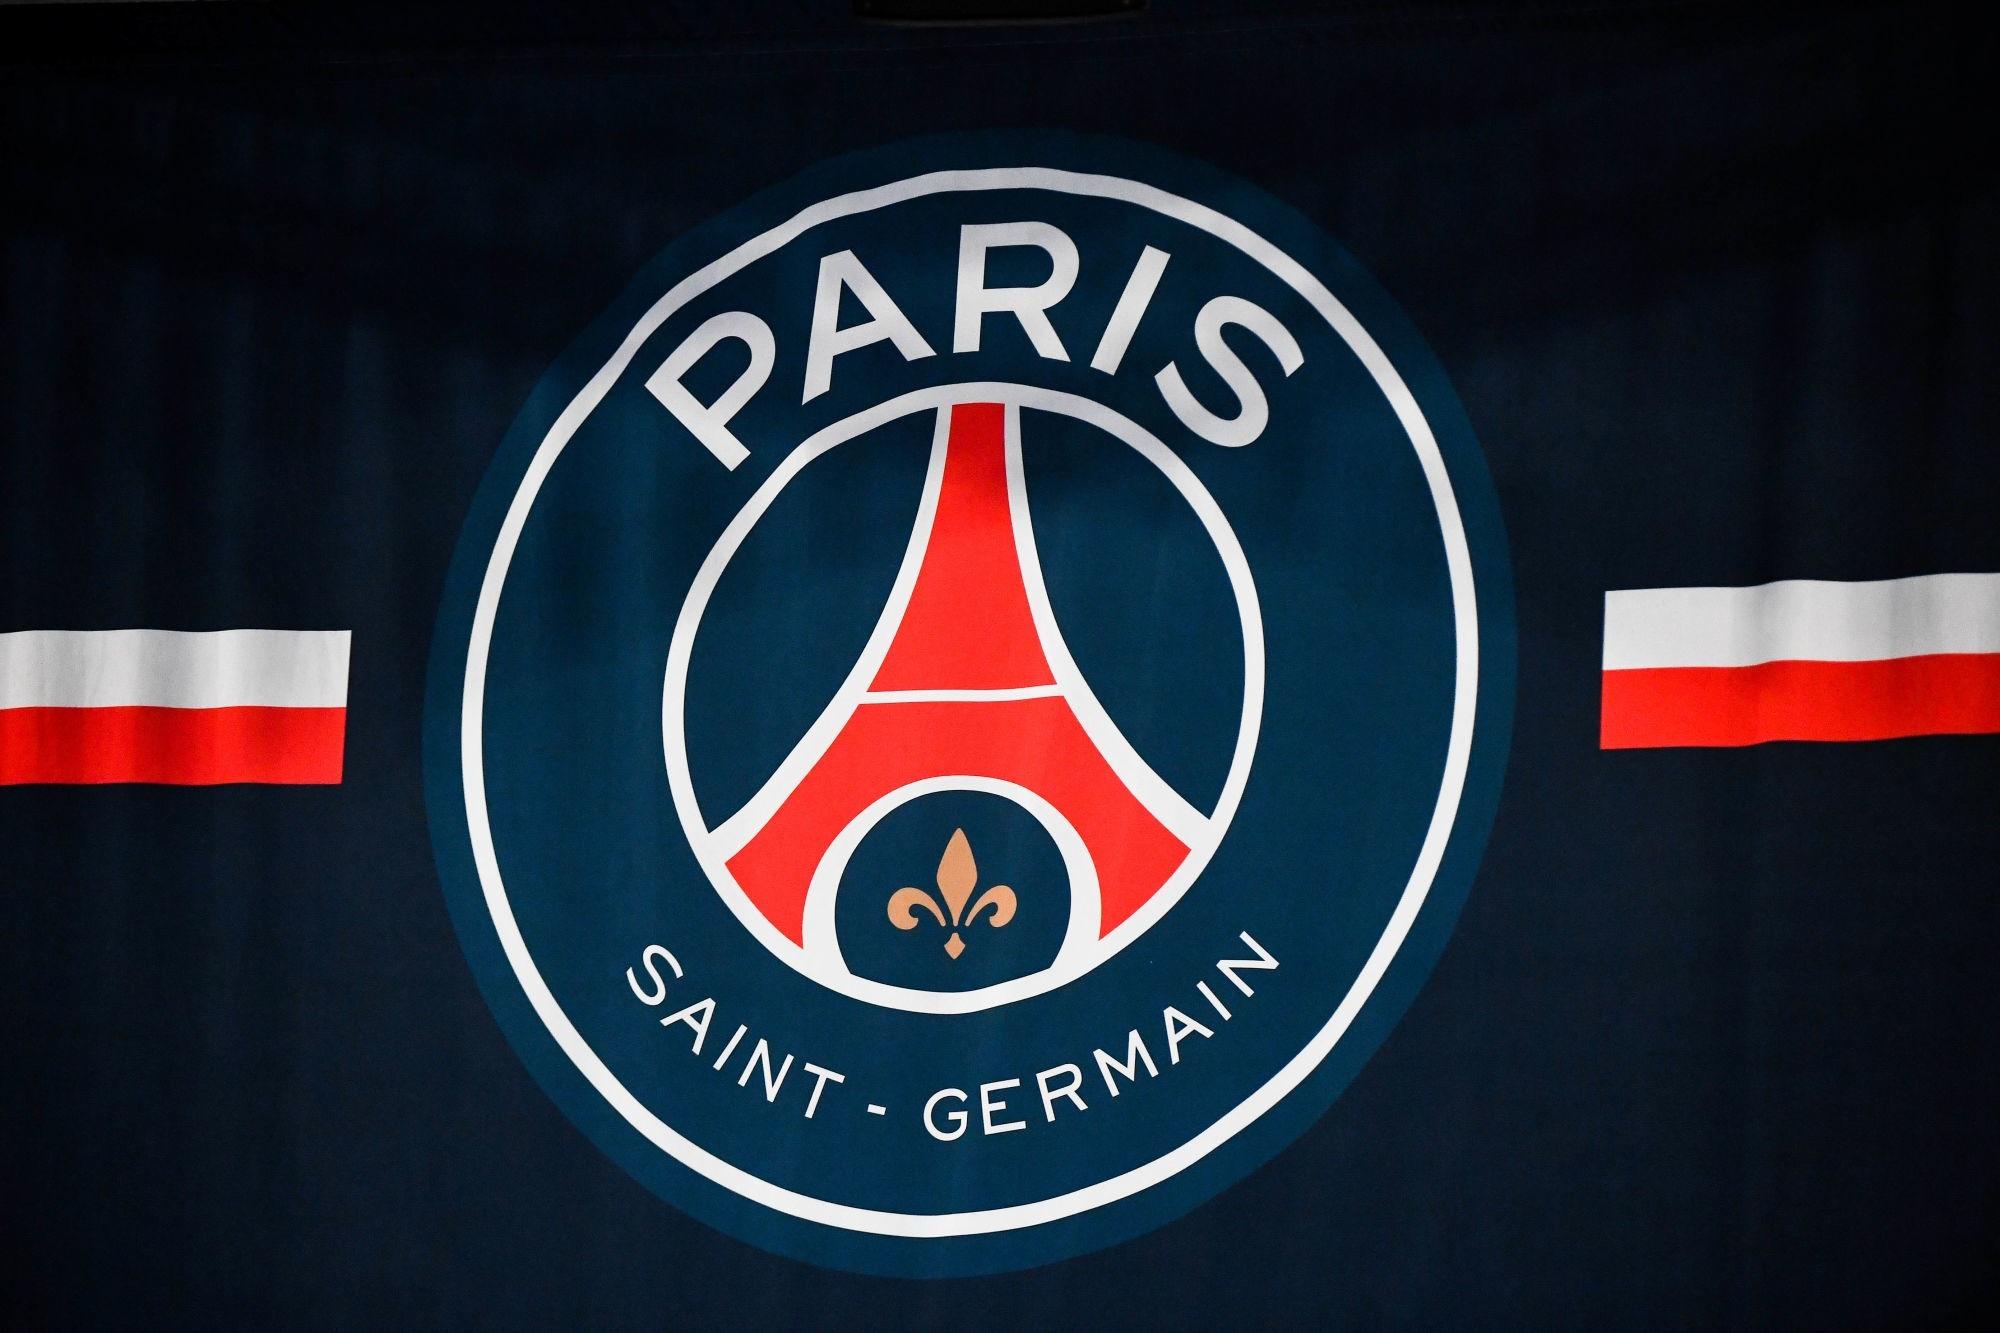 Le PSG en dehors du projet de Super Ligue Européenne, explique L'Equipe